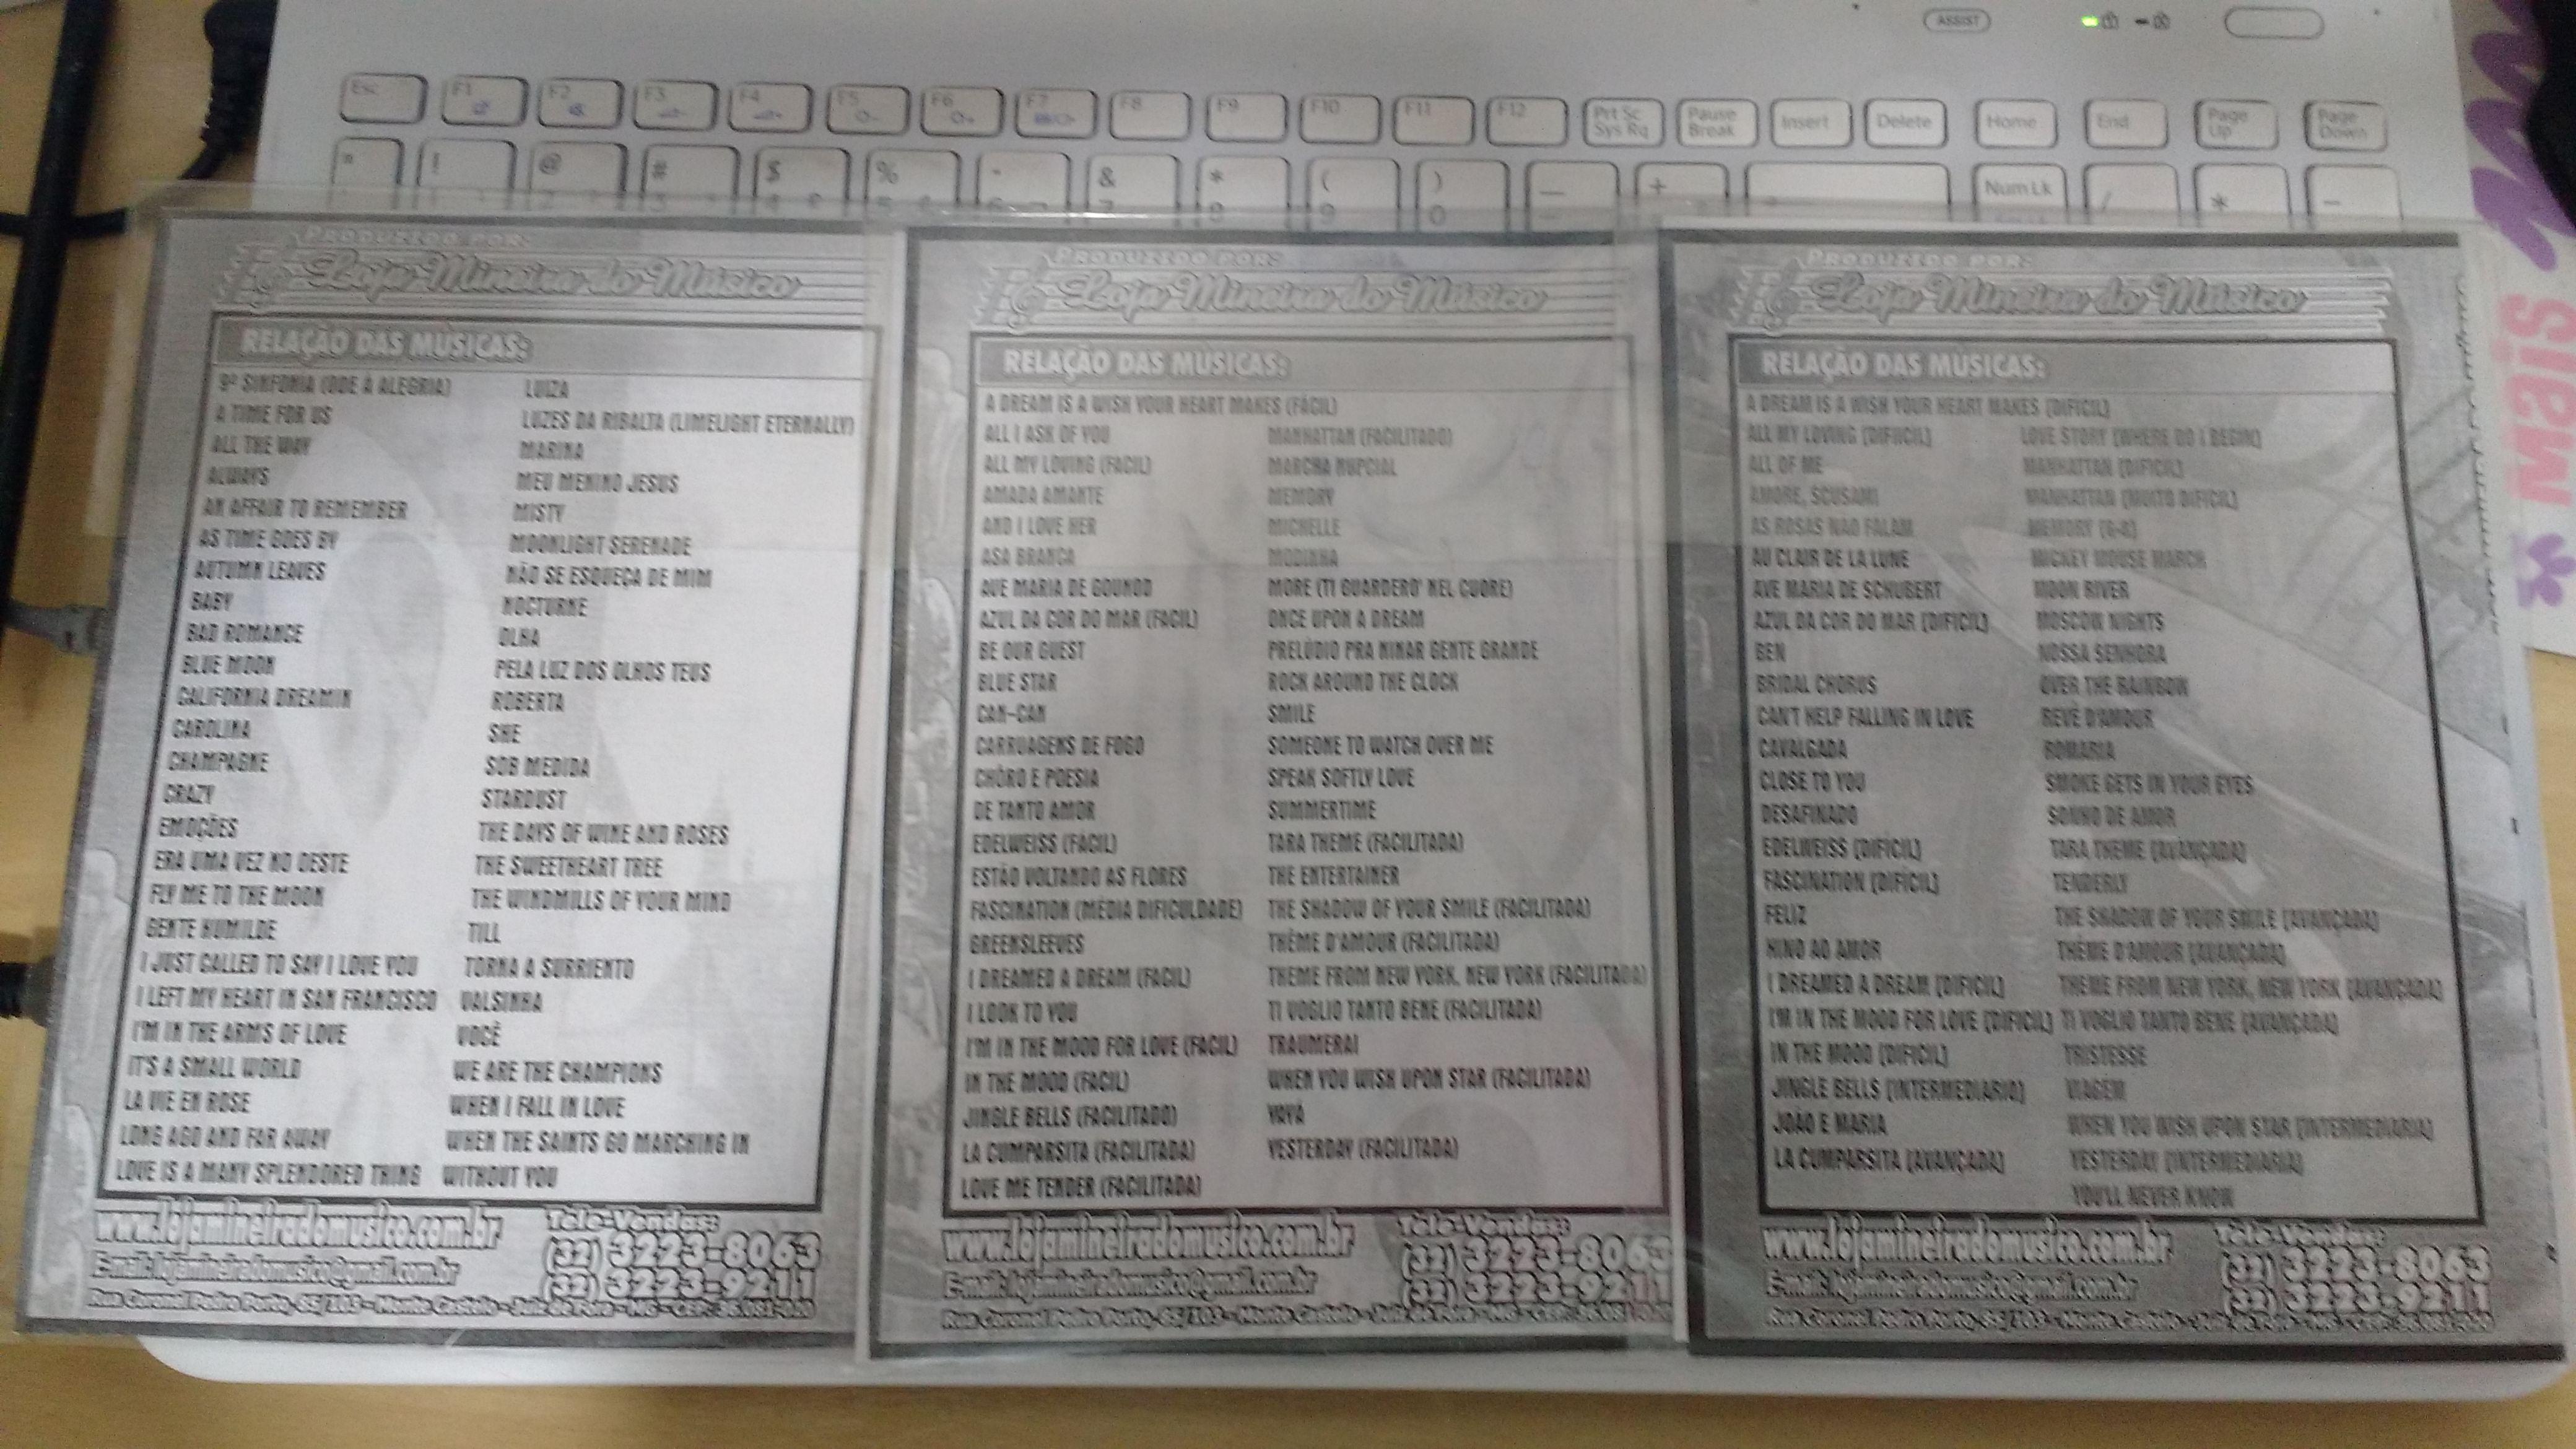 comprar partituras para piano  partituras para piano gospel  partituras para piano facil